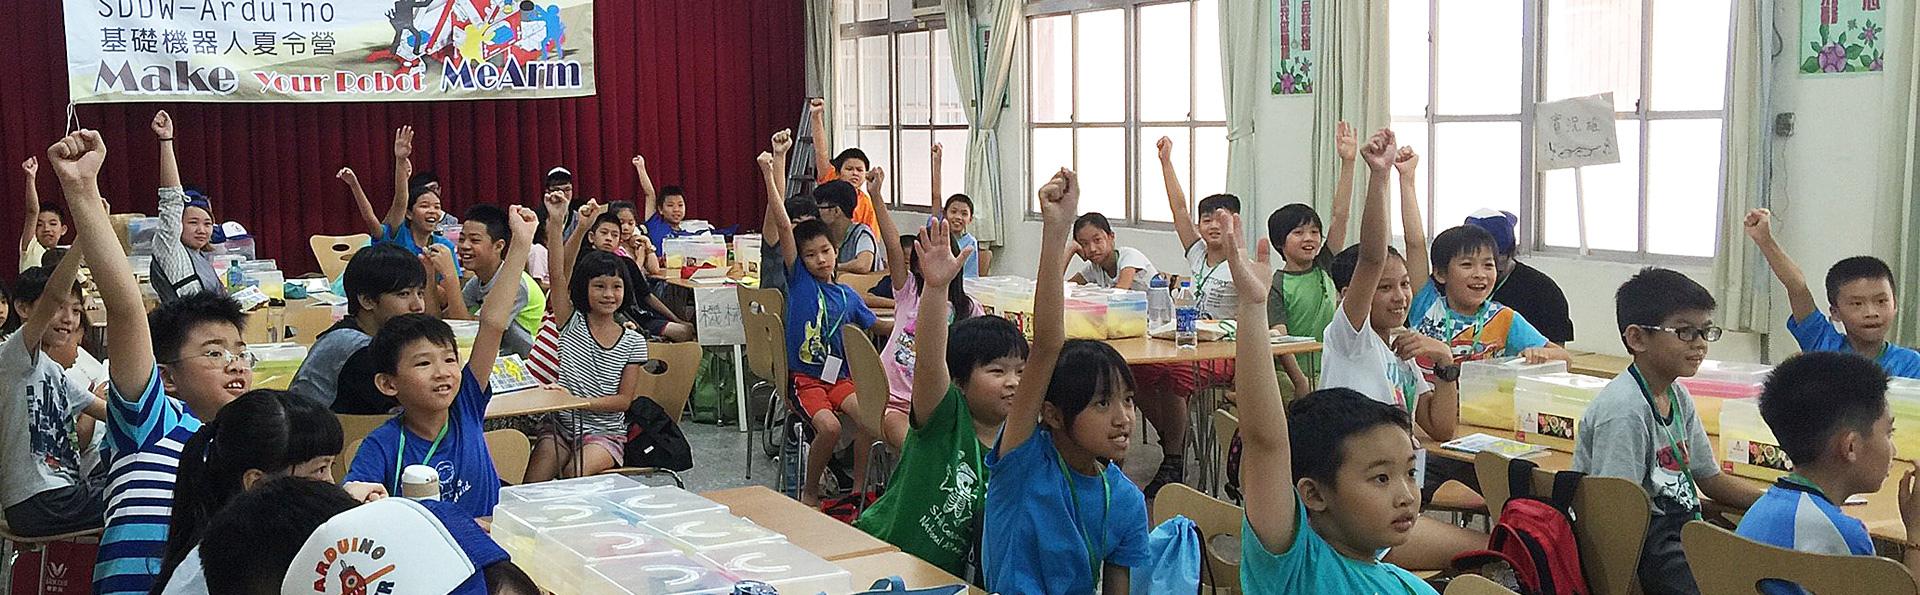 在課程中孩子們總是勇於表達自己的想法